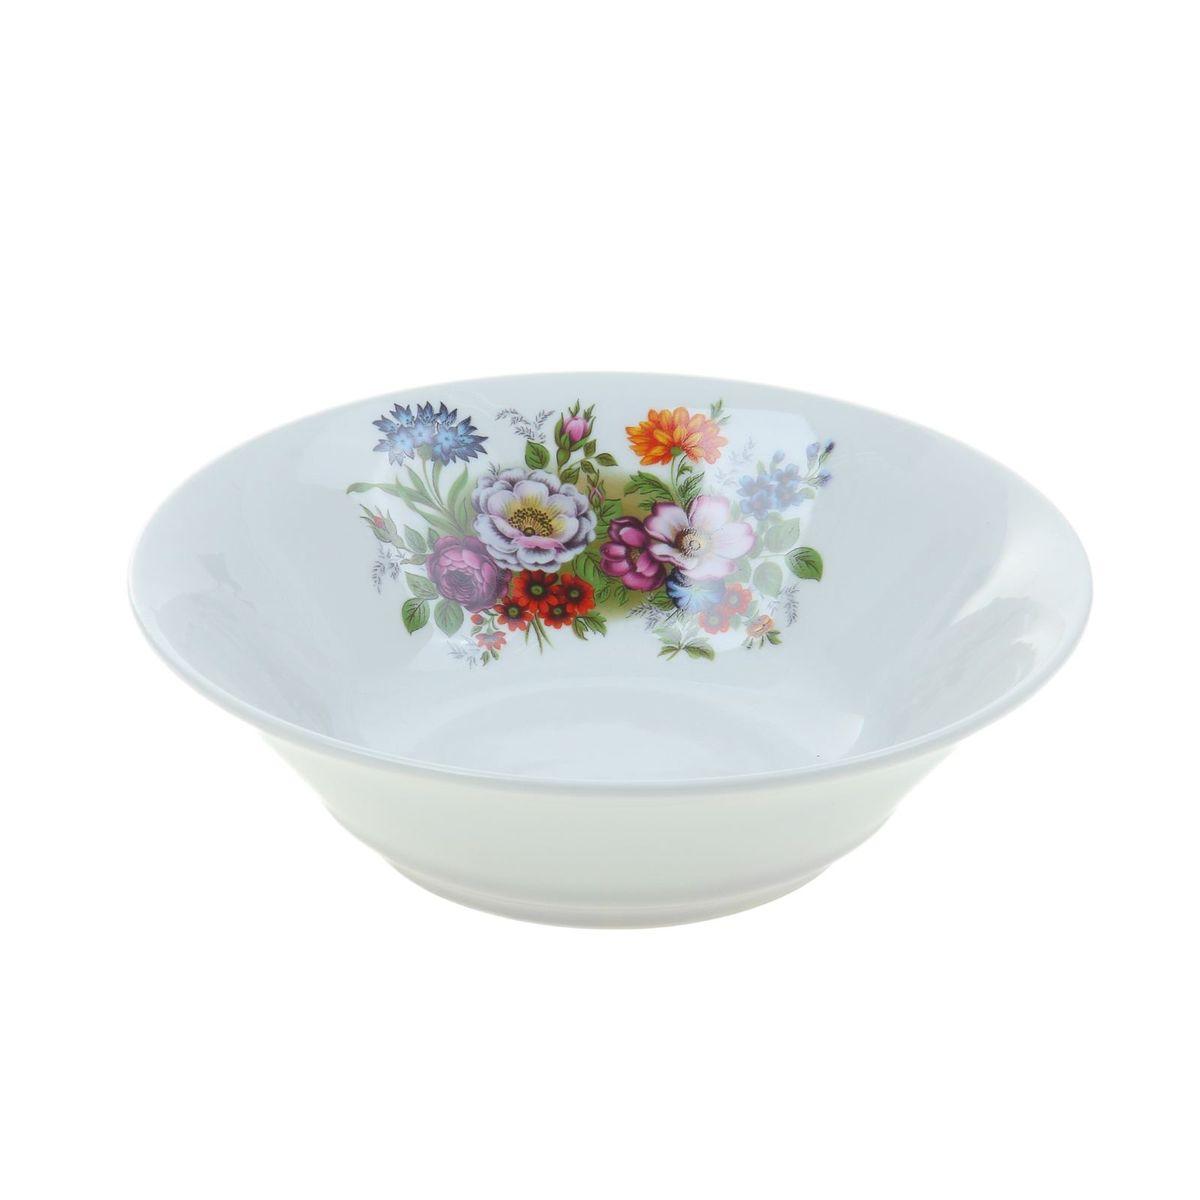 Салатник Идиллия. Букет цветов, 1,15 л1035444Элегантный салатник Идиллия. Букет цветов, изготовленный из высококачественного фарфора, имеет изысканный внешний вид. Он идеально подойдет для сервировки стола и станет отличным подарком к любому празднику.Диаметр салатника: 22 см.